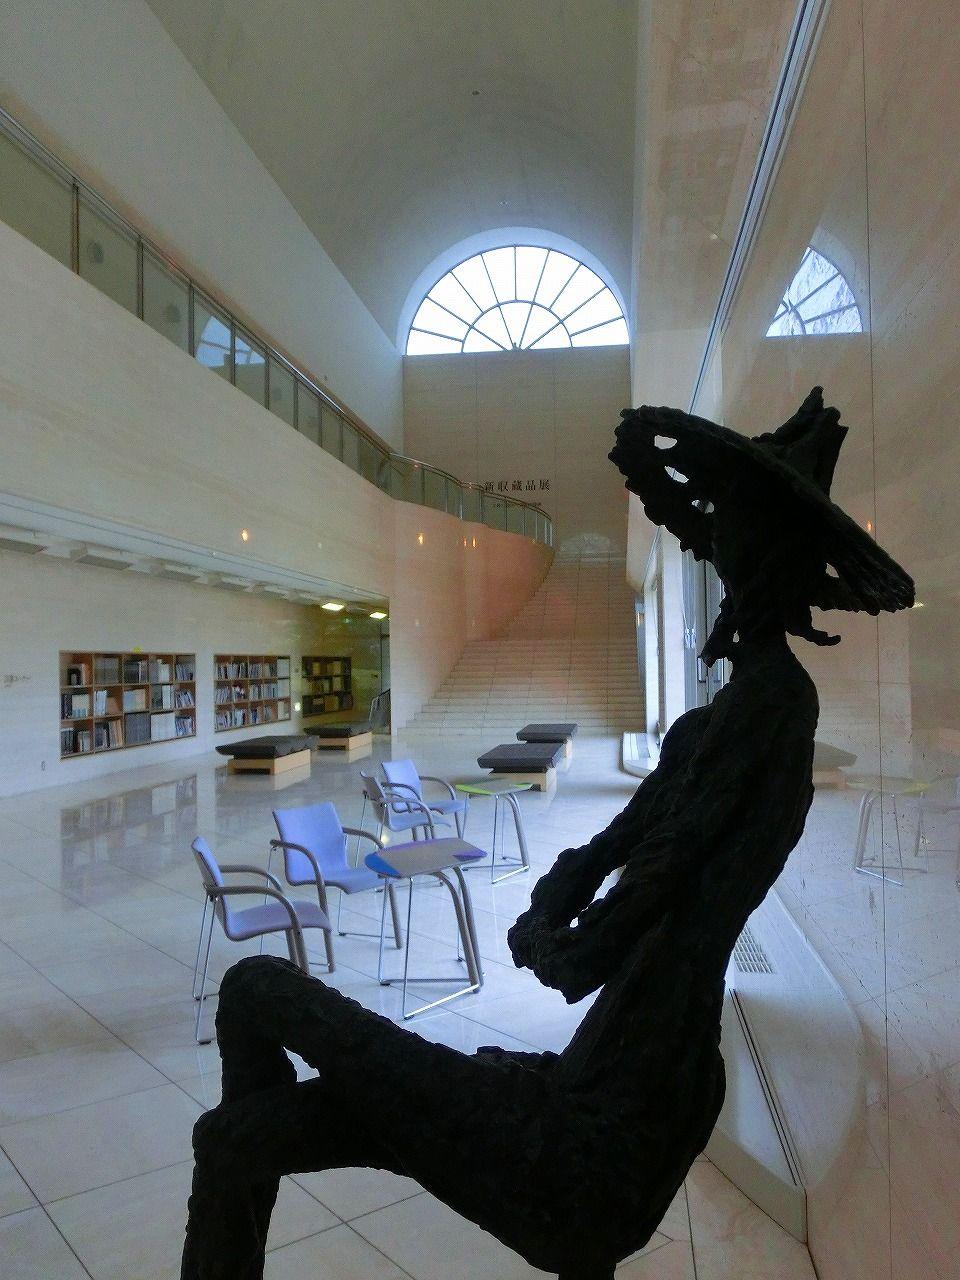 湘南の立ち寄りスポット 平塚市美術館&博物館で心ビタミン!